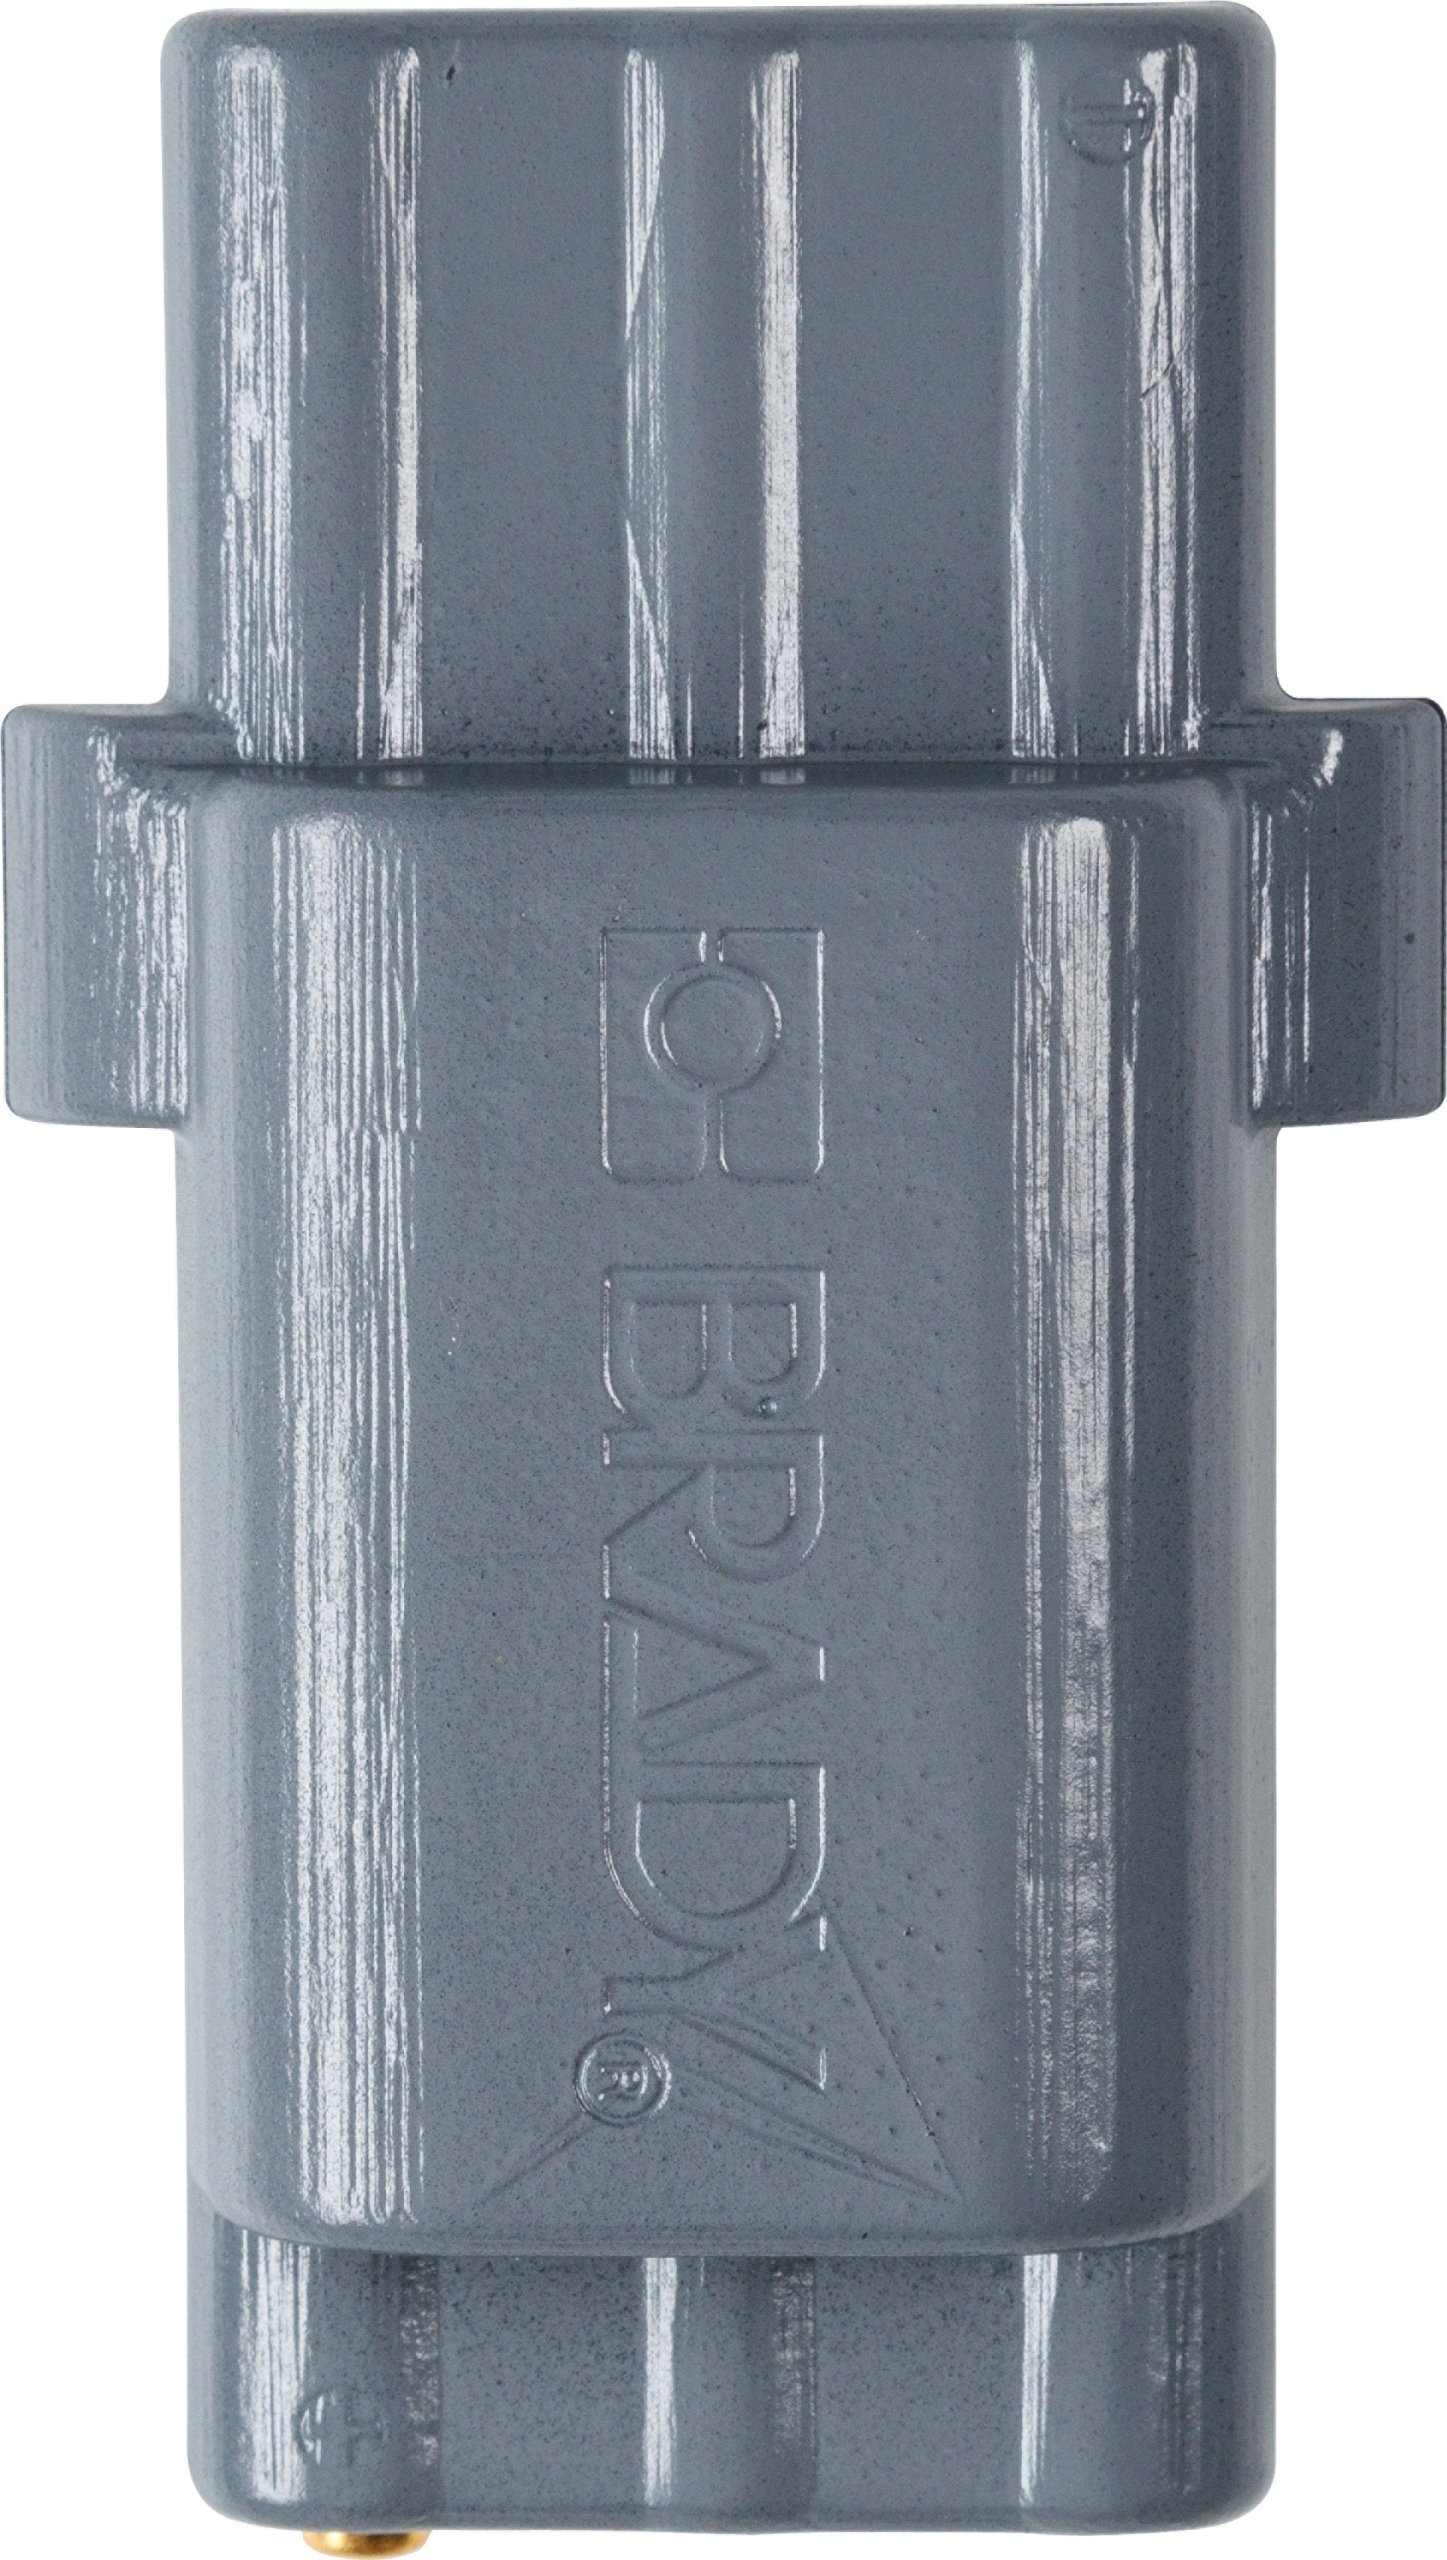 Brady BMP21-PLUS-BATT Rechargeable Lithium Ion Battery